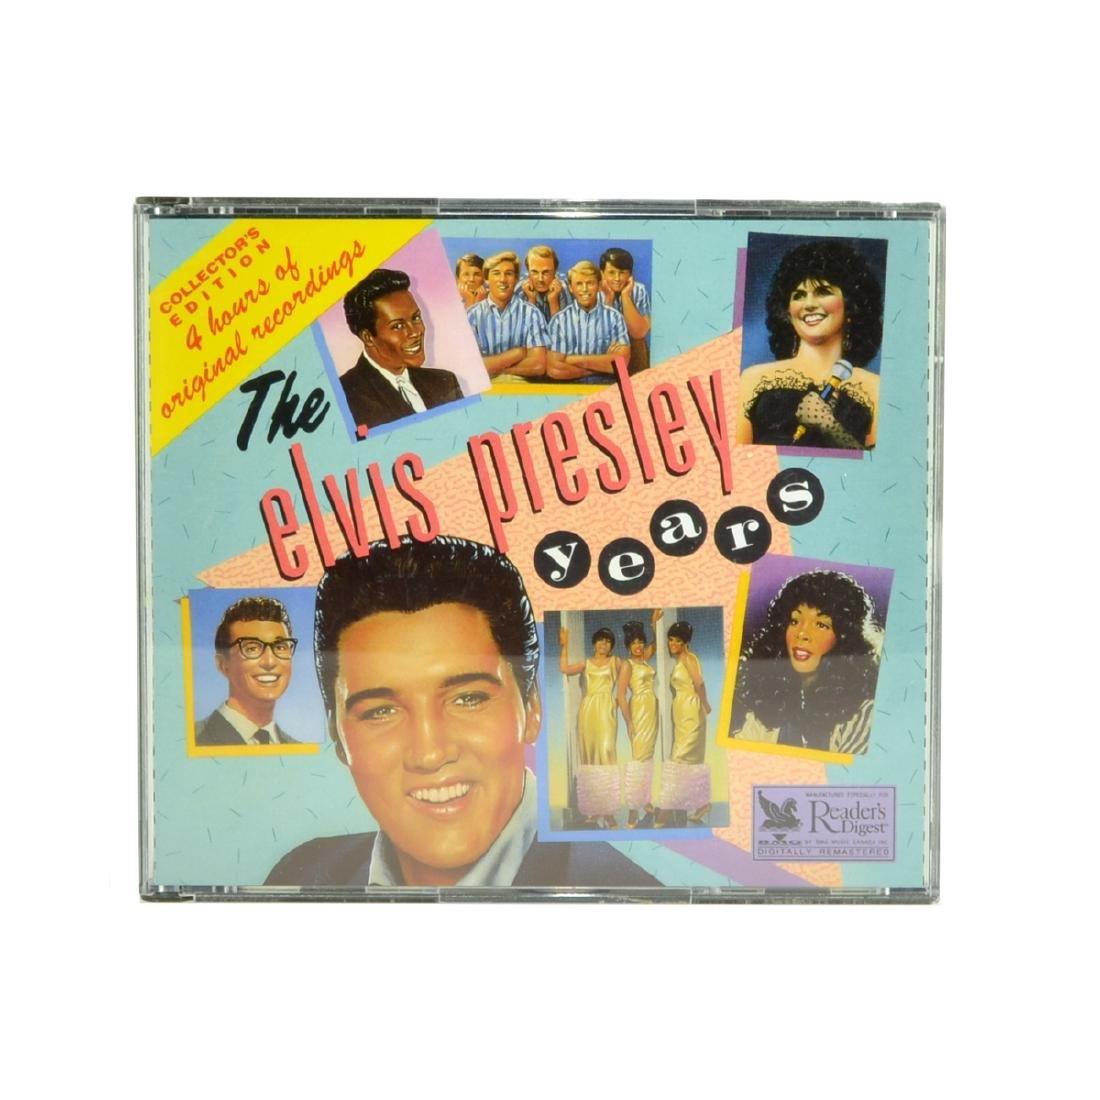 Elvis Presley 4 CD's  The Elvis Presley Years